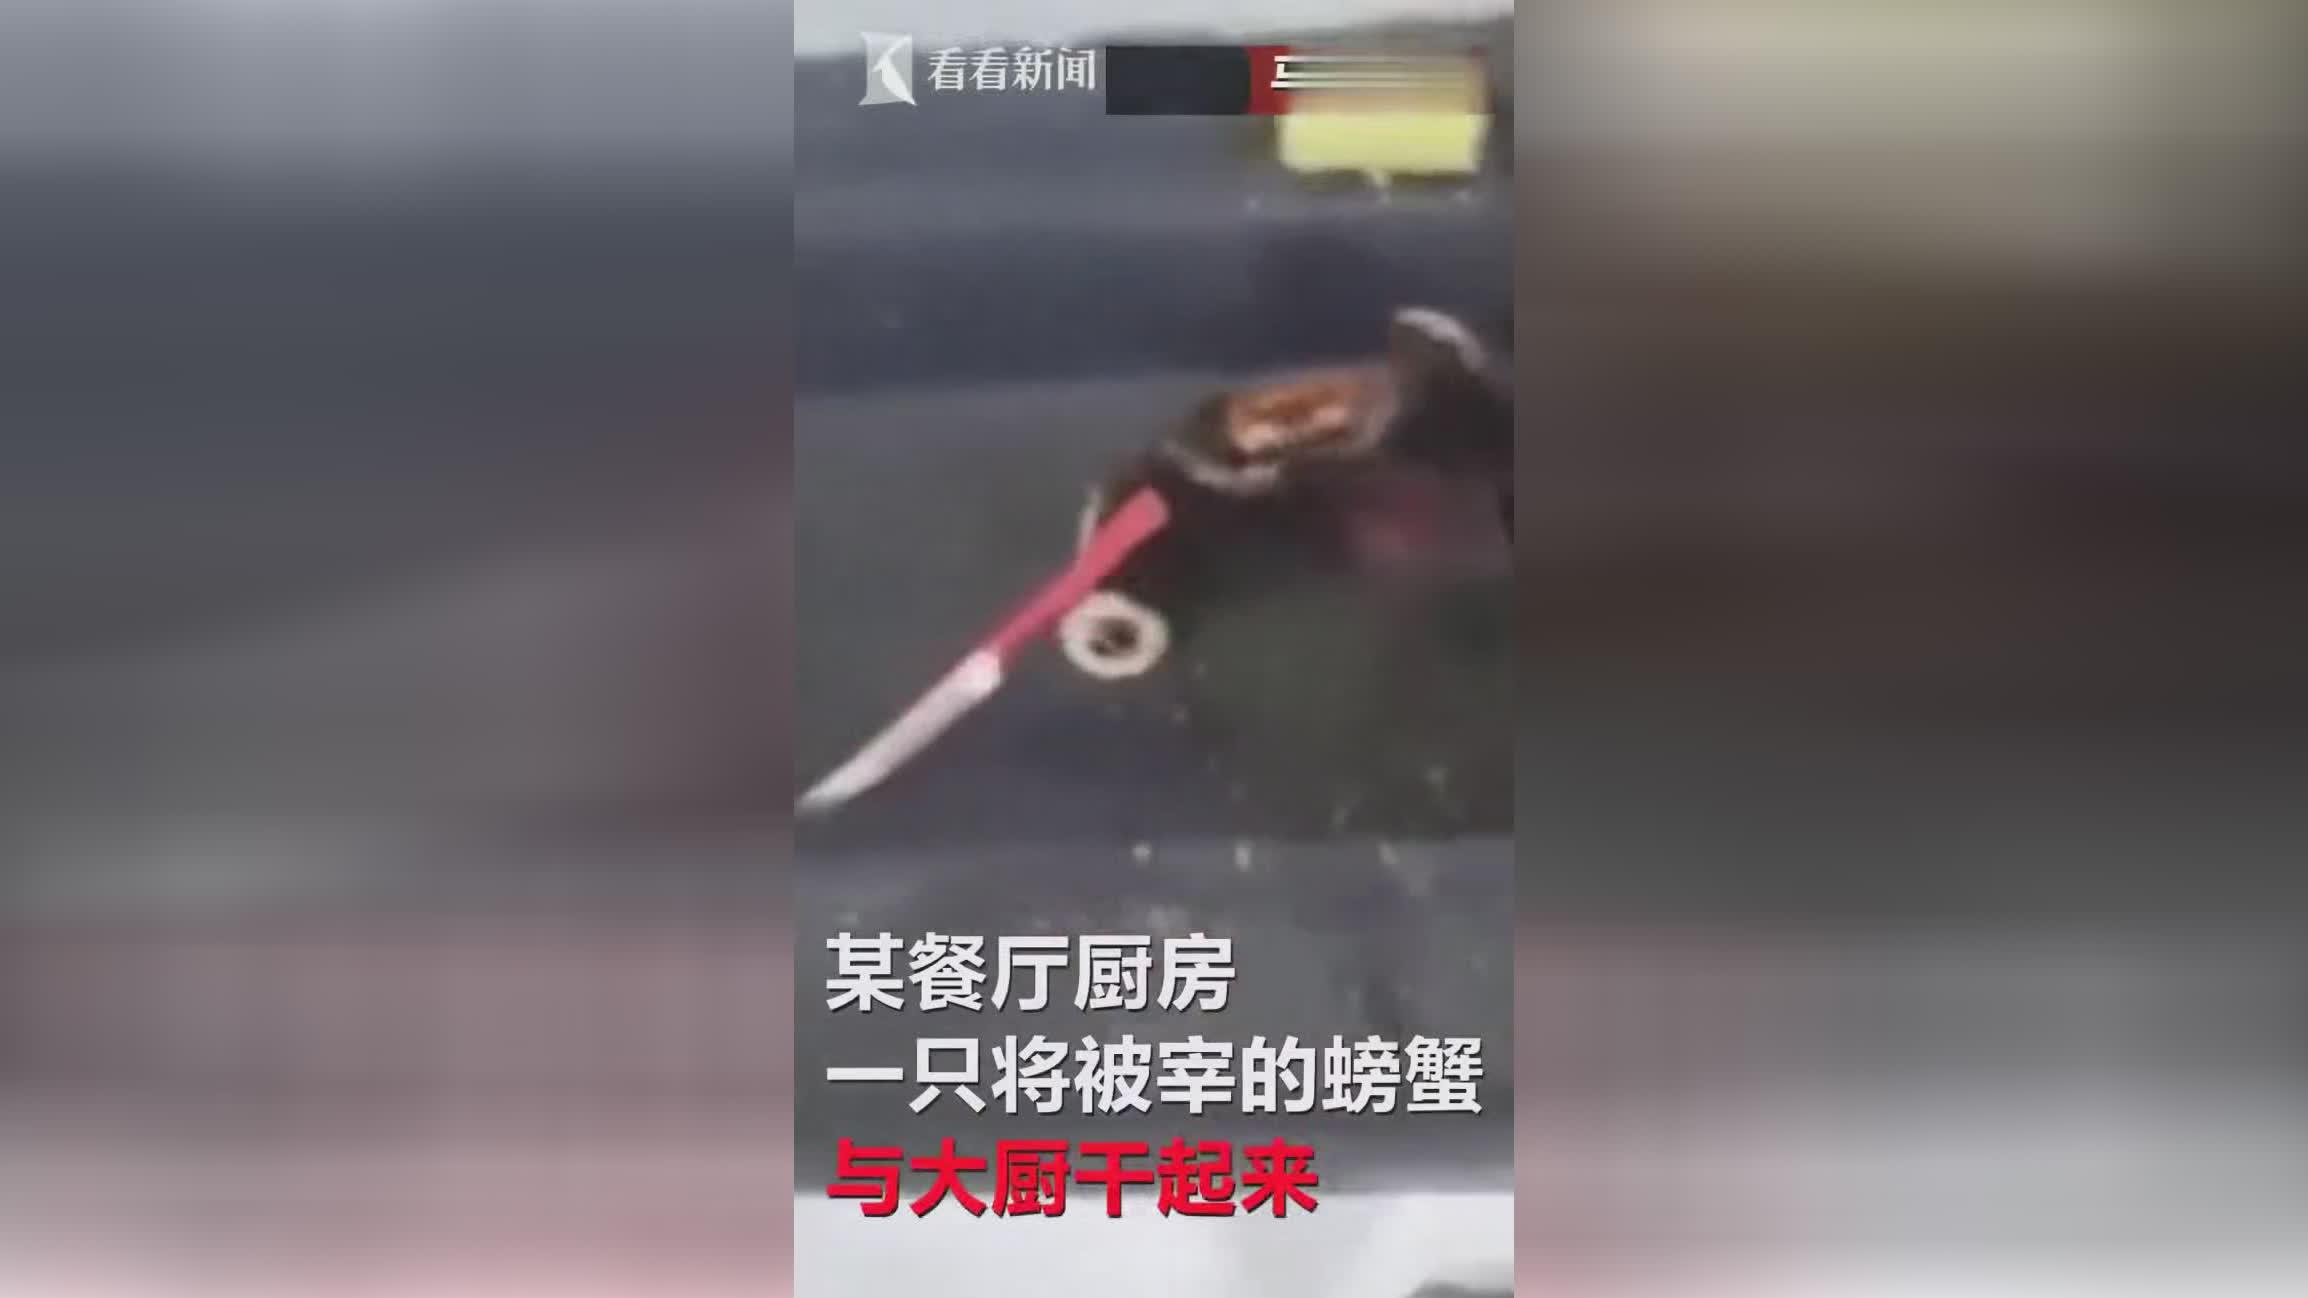 螃蟹不甘做盘中餐持刀与厨师对砍 居然还能换手攻击